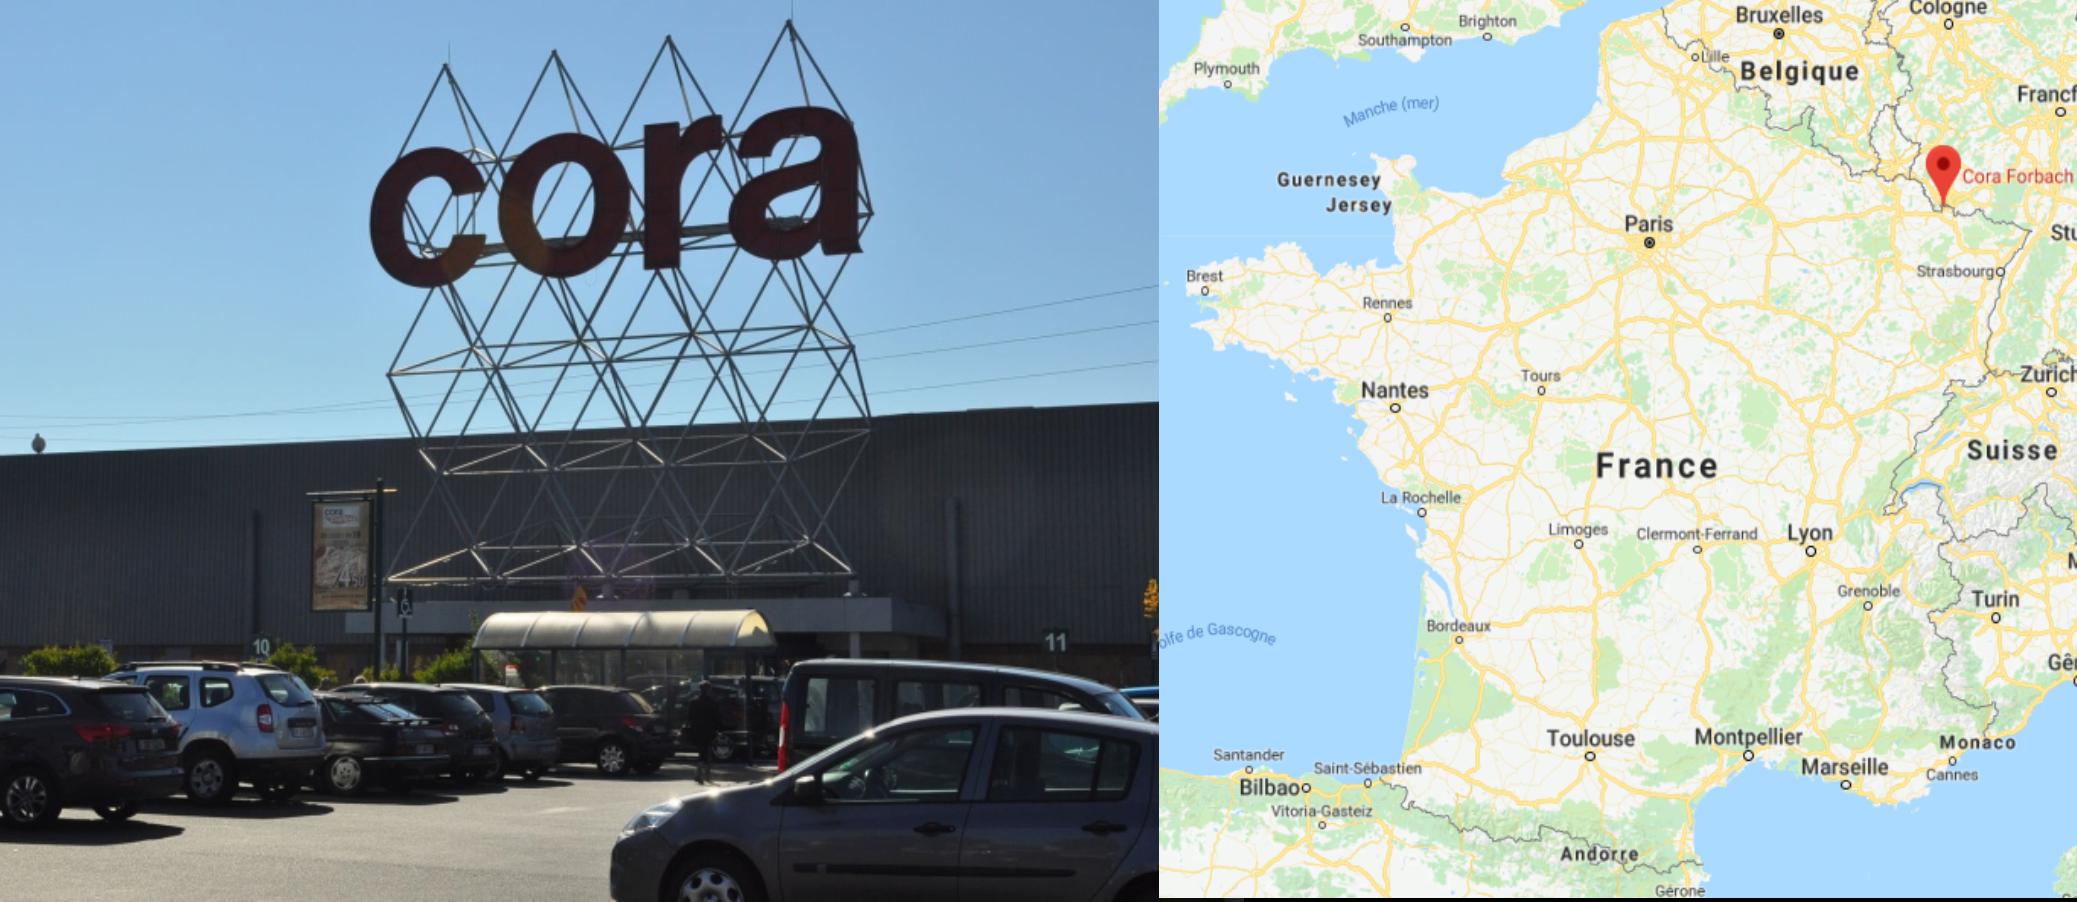 Centre commercial Cora Florbach